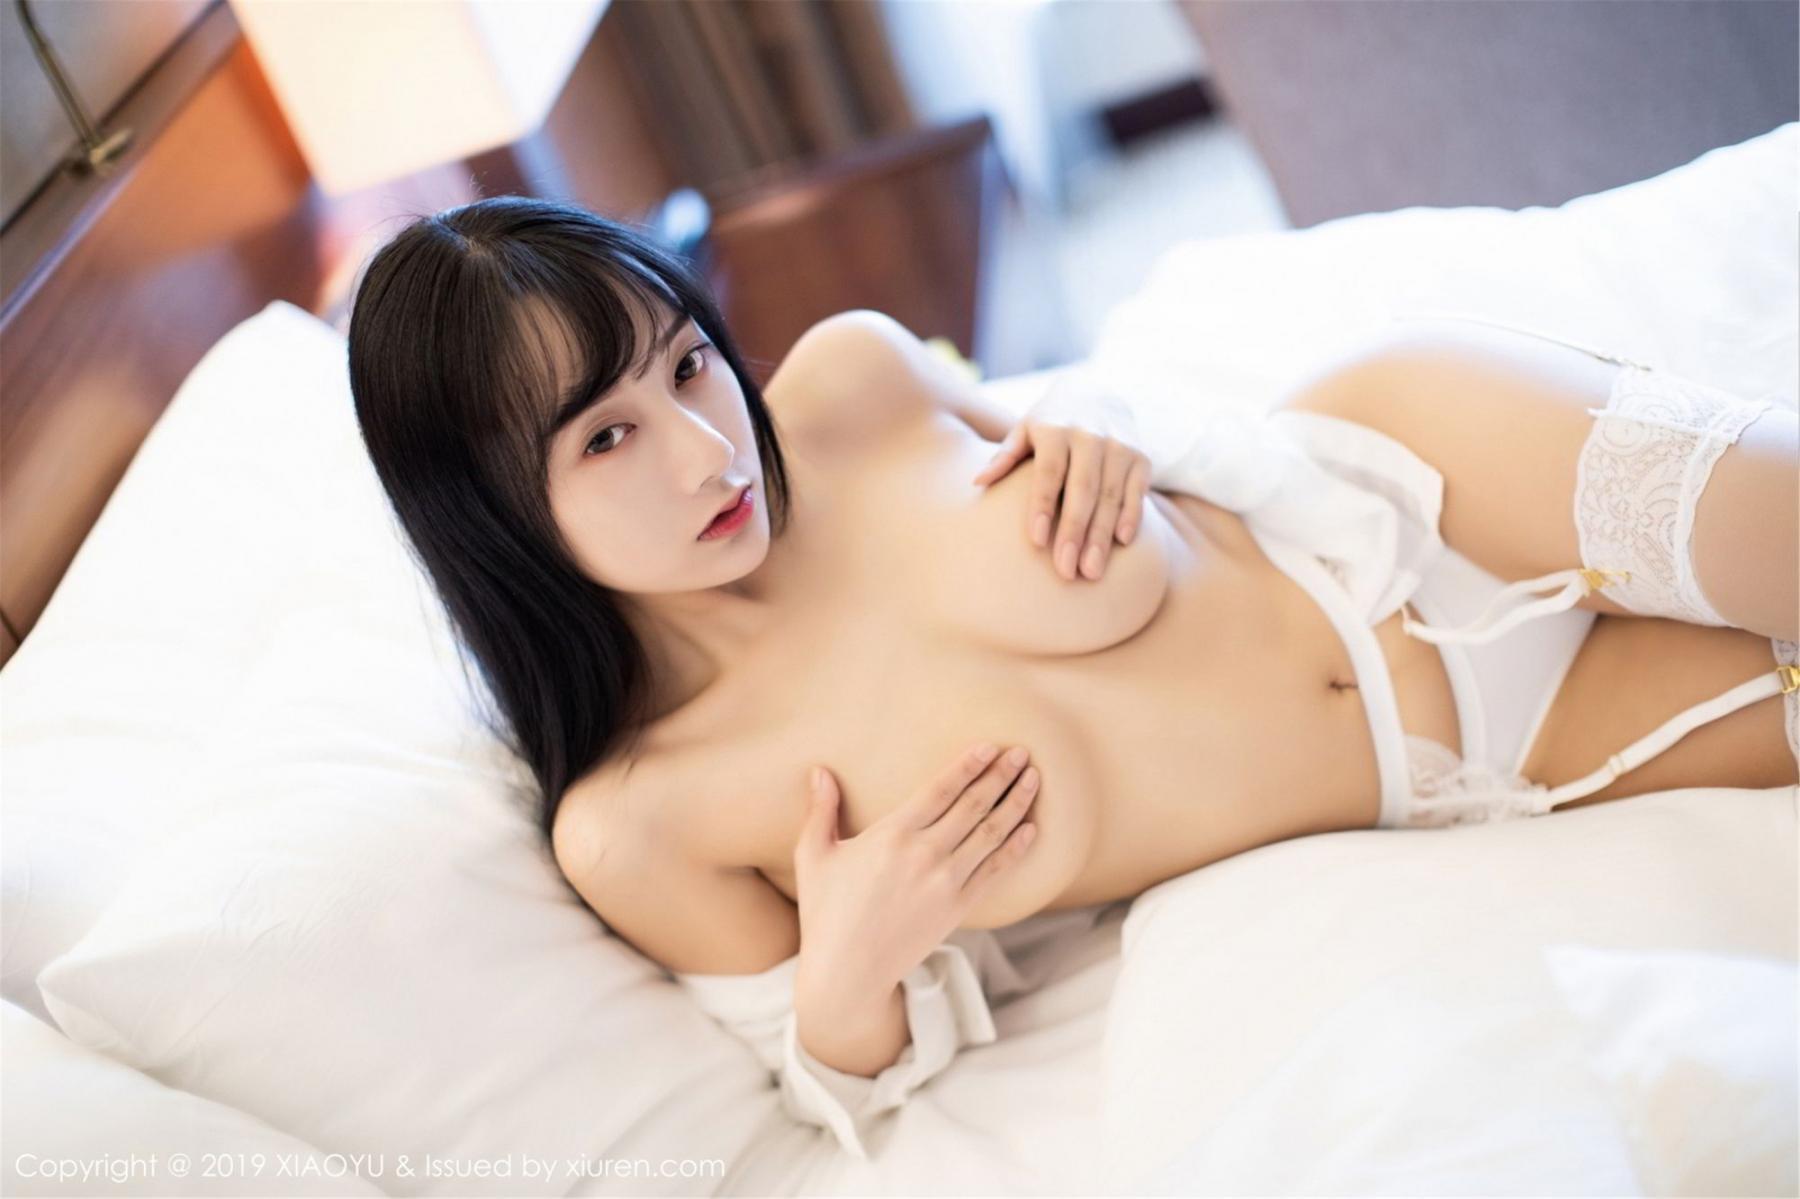 [XiaoYu] Vol.076 He Jia Ying 44P, He Jia Ying, Underwear, XiaoYu